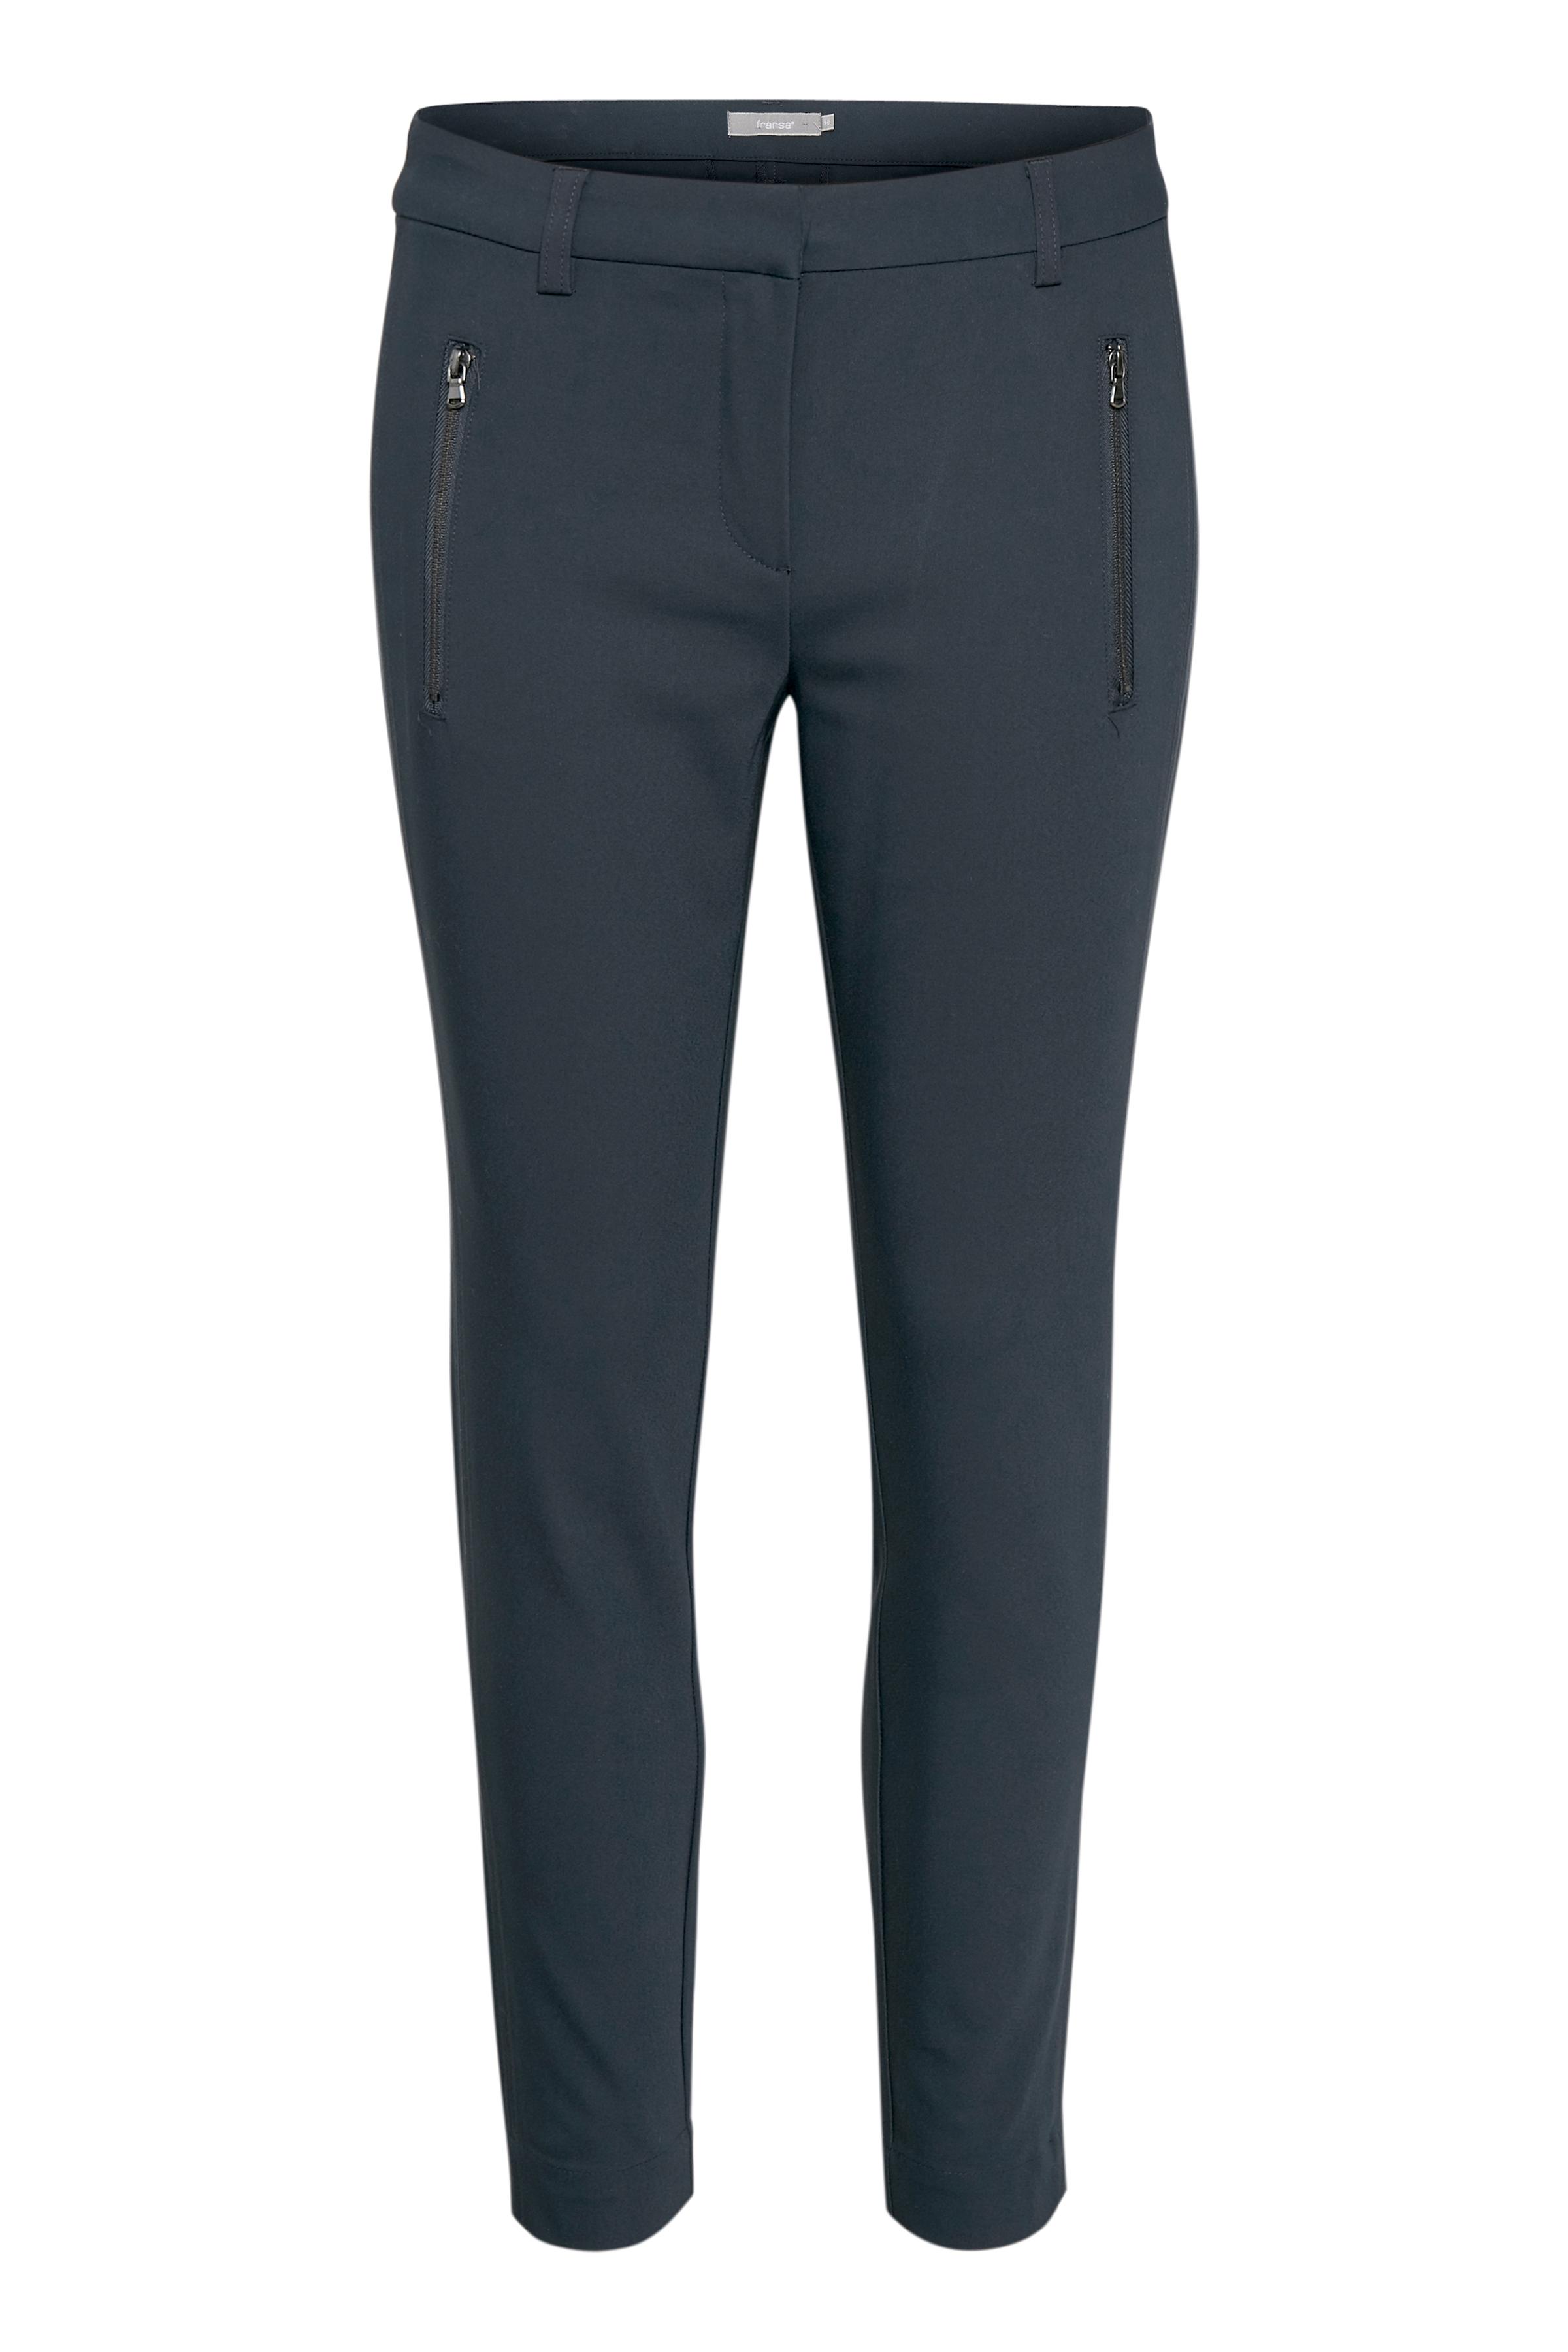 Dark Peacoat Pants Suiting – Køb Dark Peacoat Pants Suiting fra str. 34-46 her